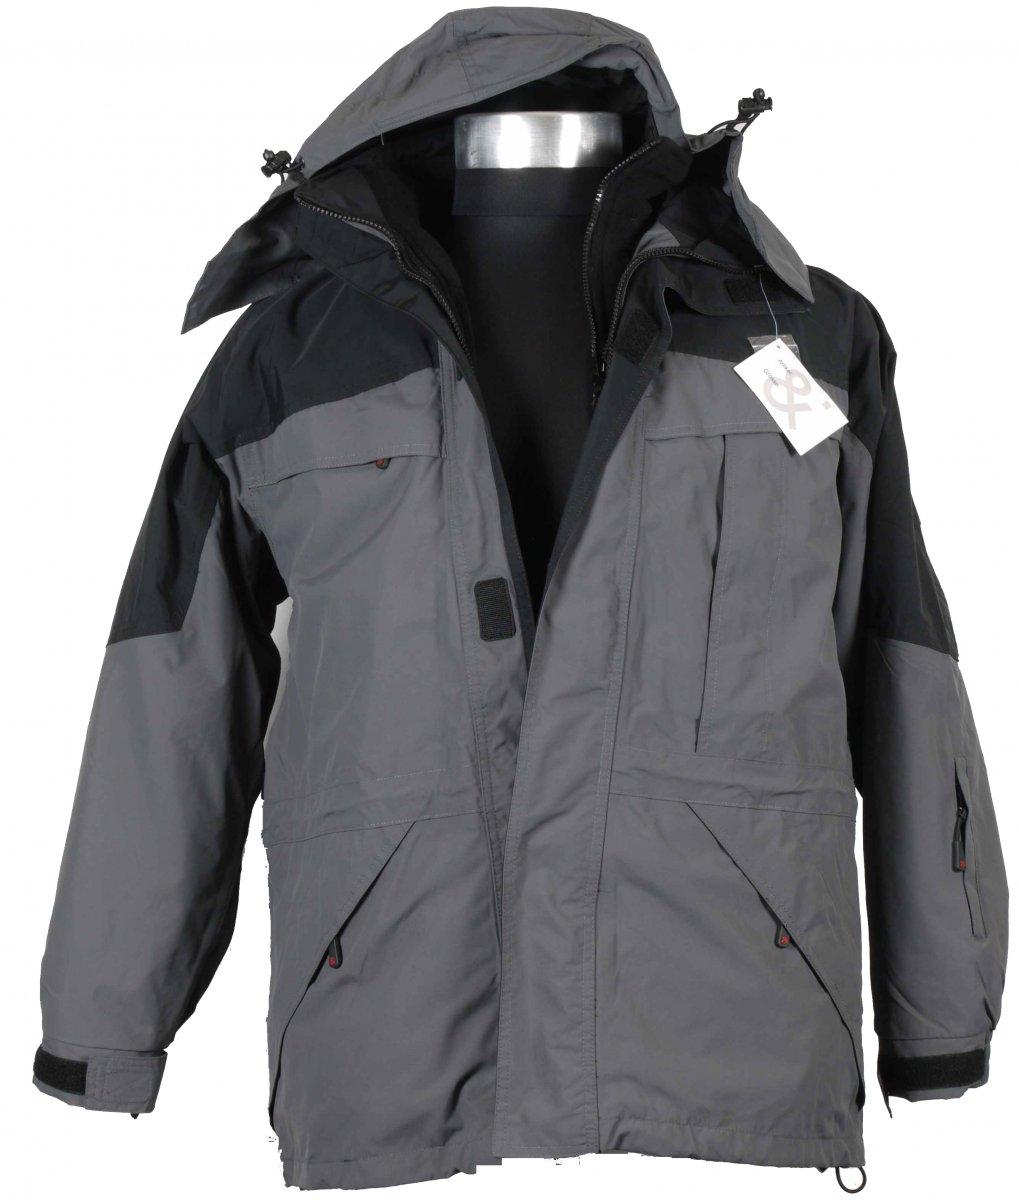 b19a26c55118 Marc & Mark 2-layer Skidjacka Grå - Arbetskläder, Regn- och skidkläder -